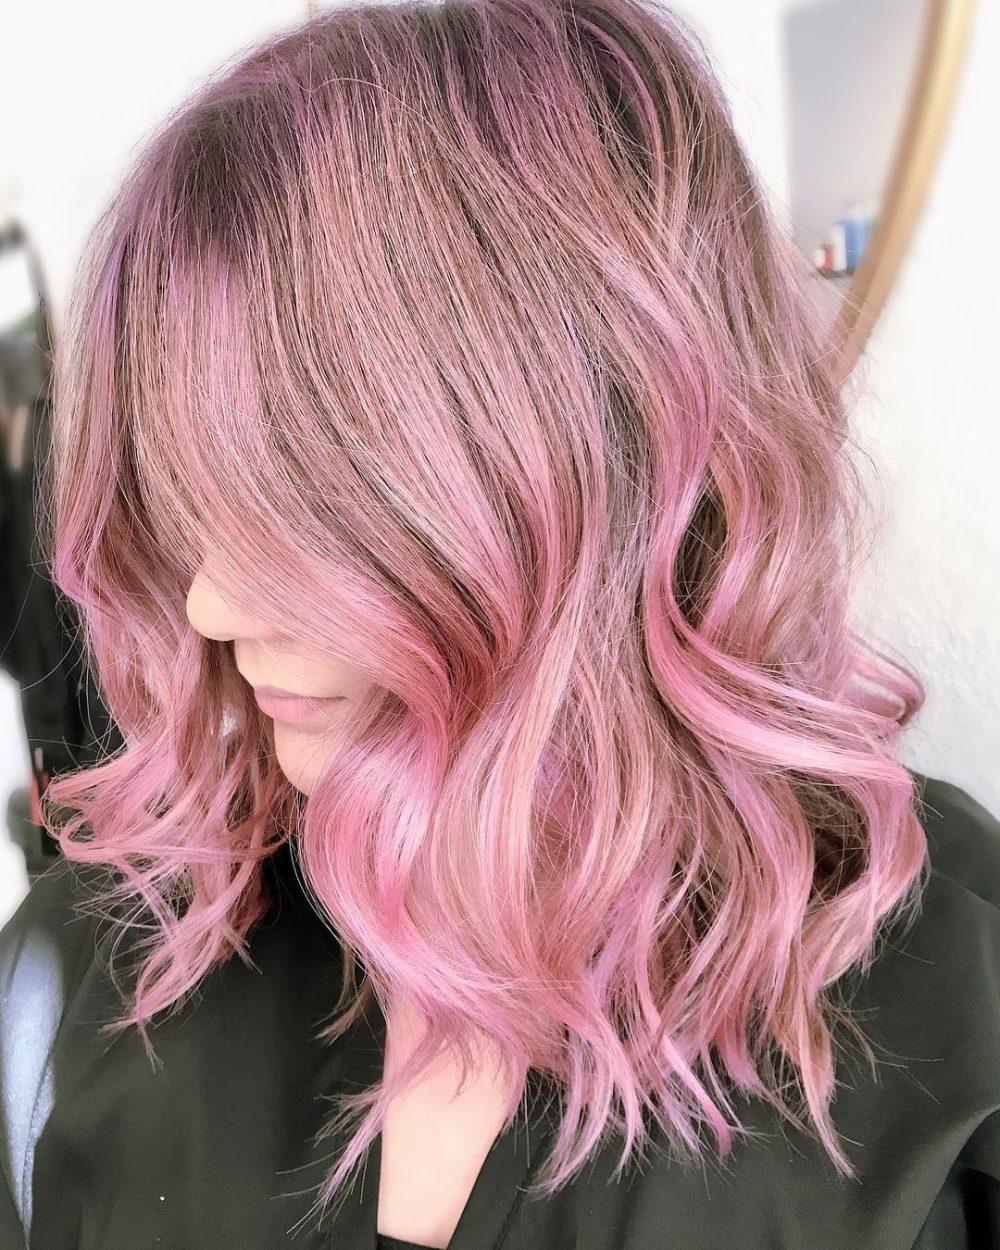 Sassy Pastel Pink hairstyle